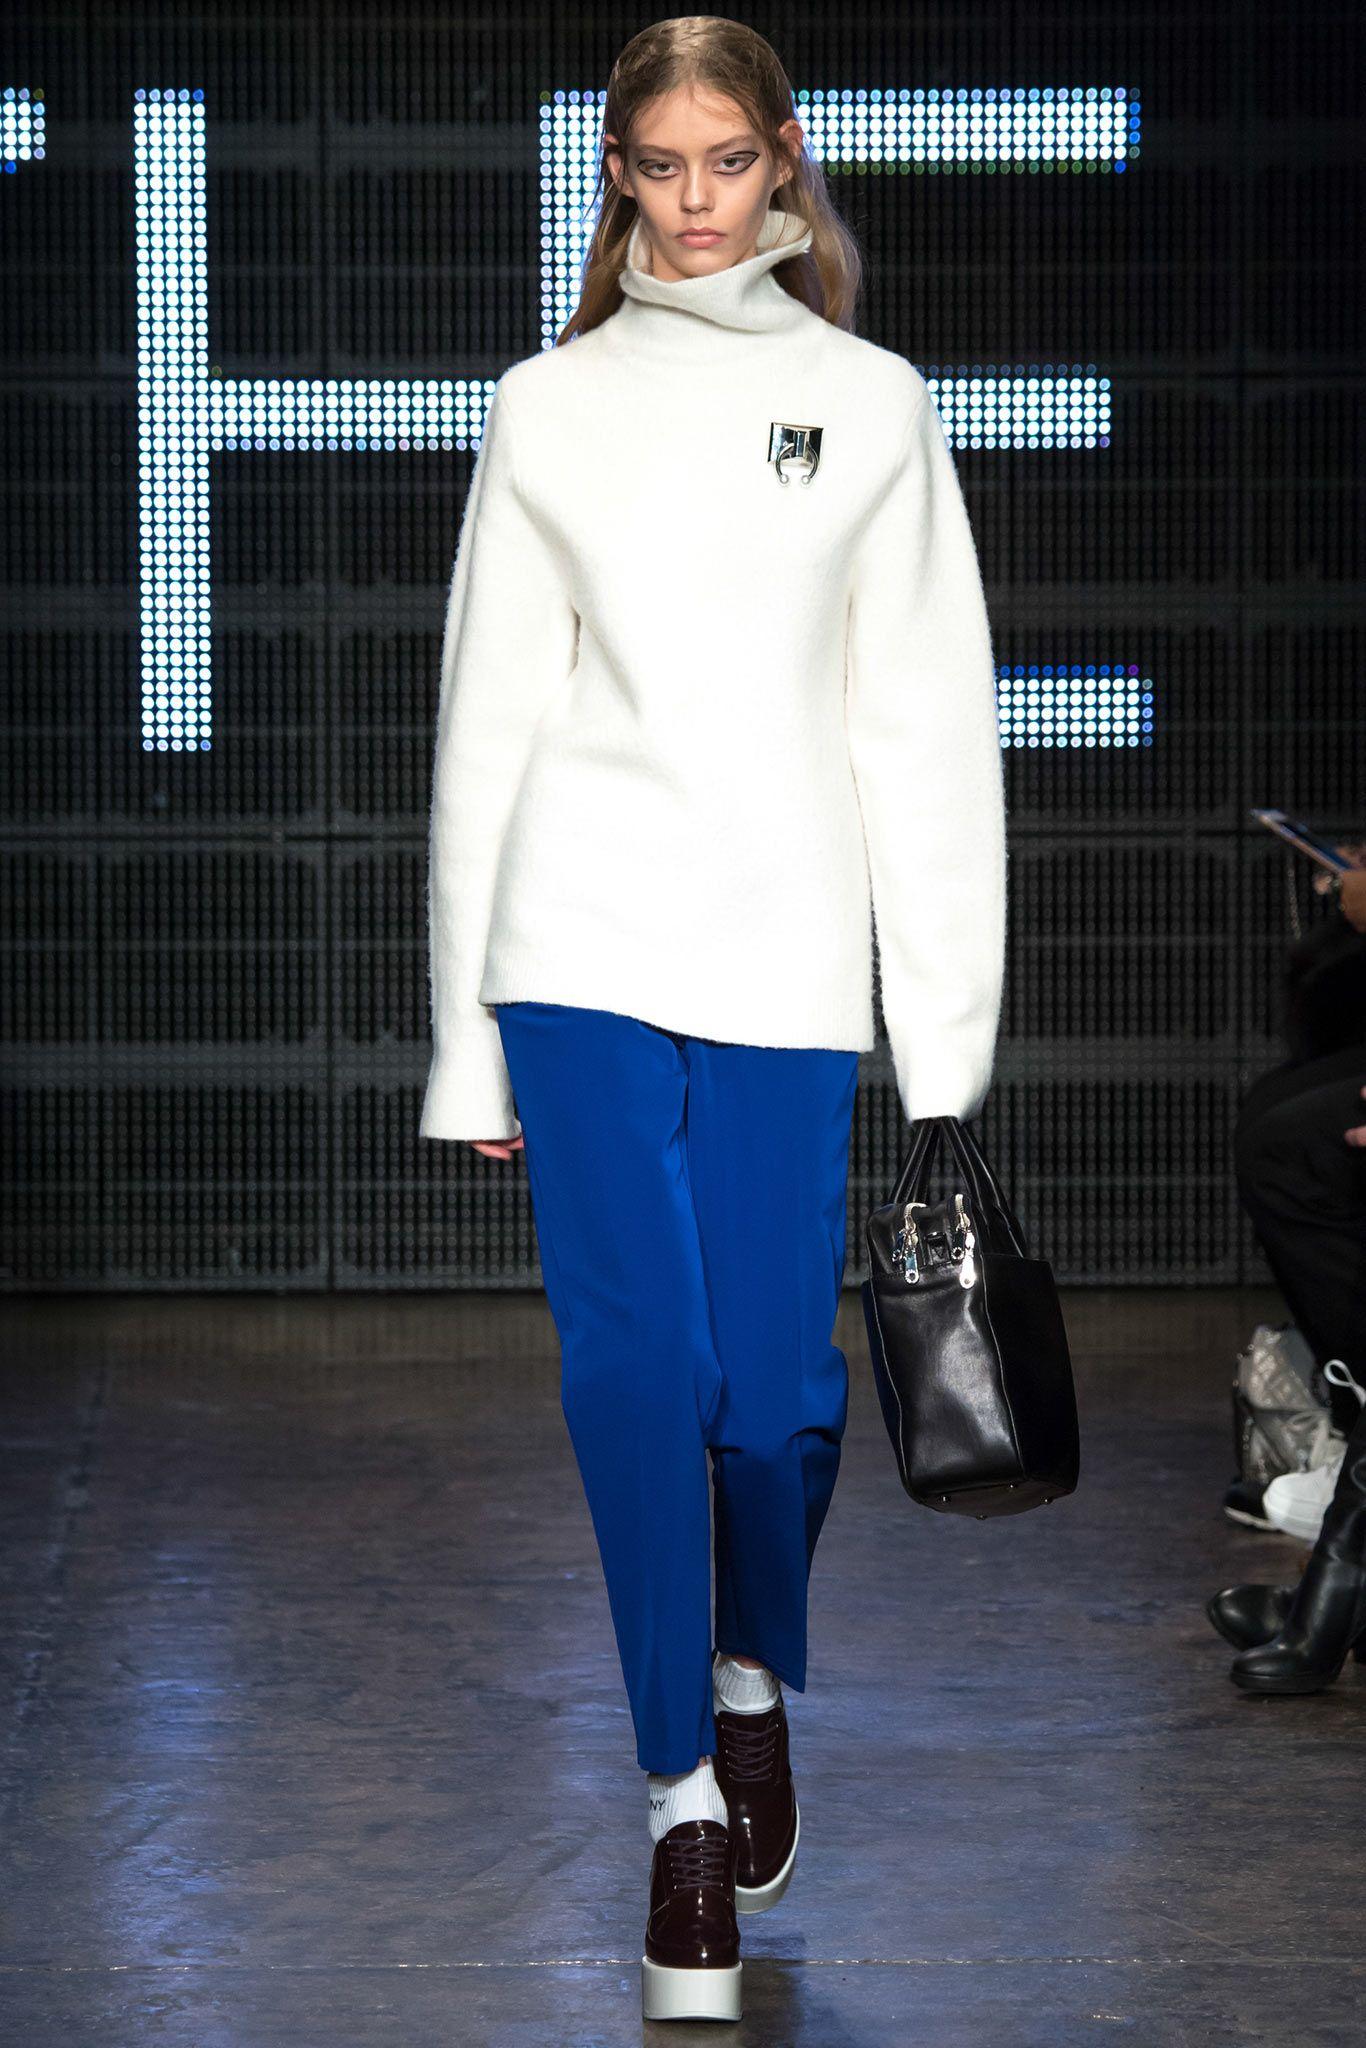 DKNY - Fall 2015 Ready-to-Wear - Look 2 of 40